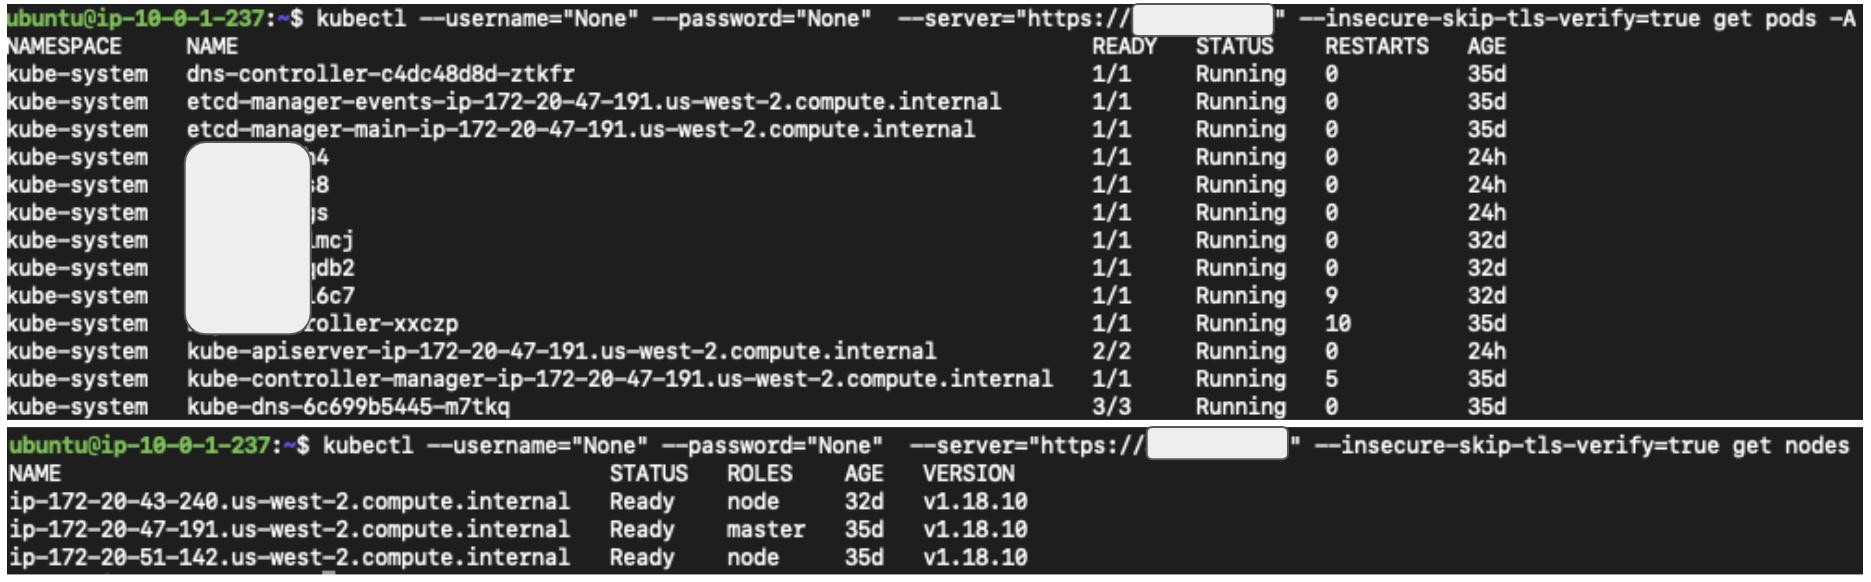 図3 kubectlを使用して匿名でkube-apiserverにアクセスするkubectlは匿名リクエストを送信するためにダミーのユーザー名とパスワードを必要とすることに注意